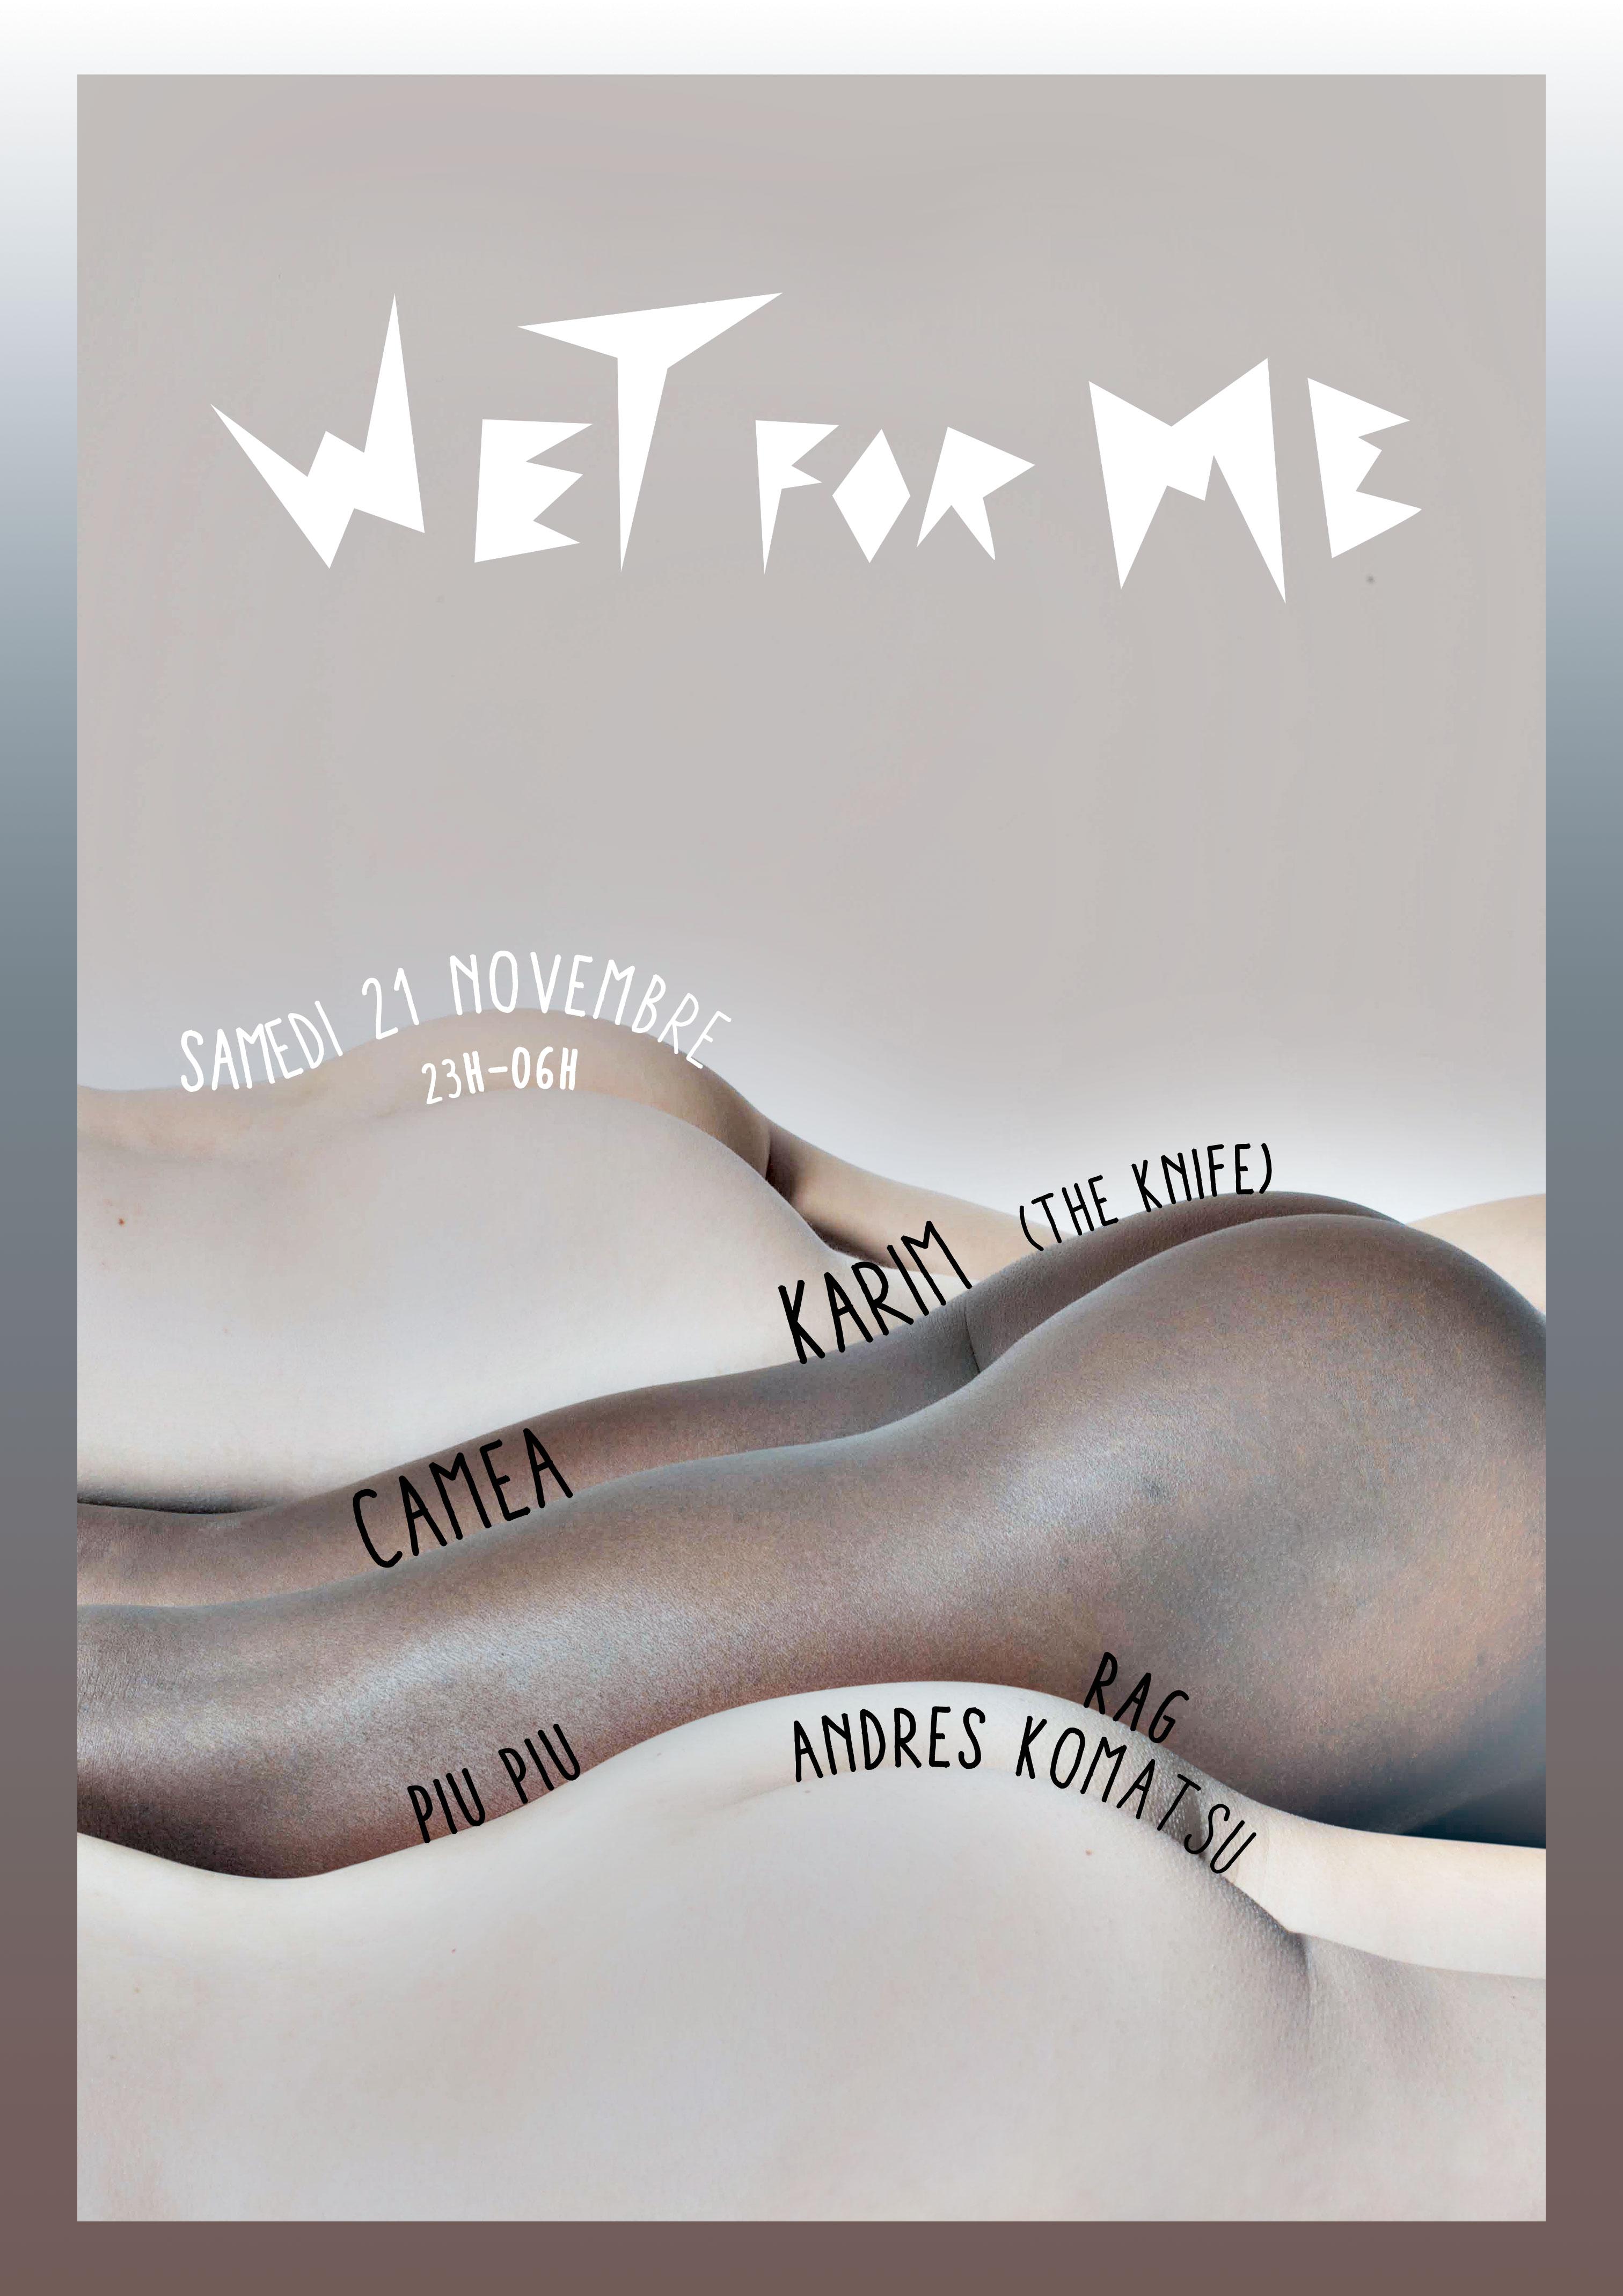 AFFICHE_WFM_novembre_V2_web_02-1